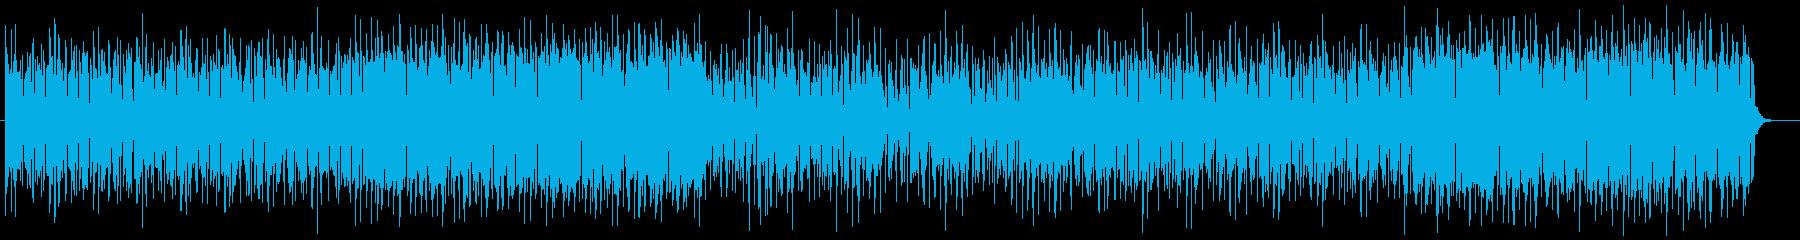 シリアスと疾走感のシンセテクノサウンドの再生済みの波形